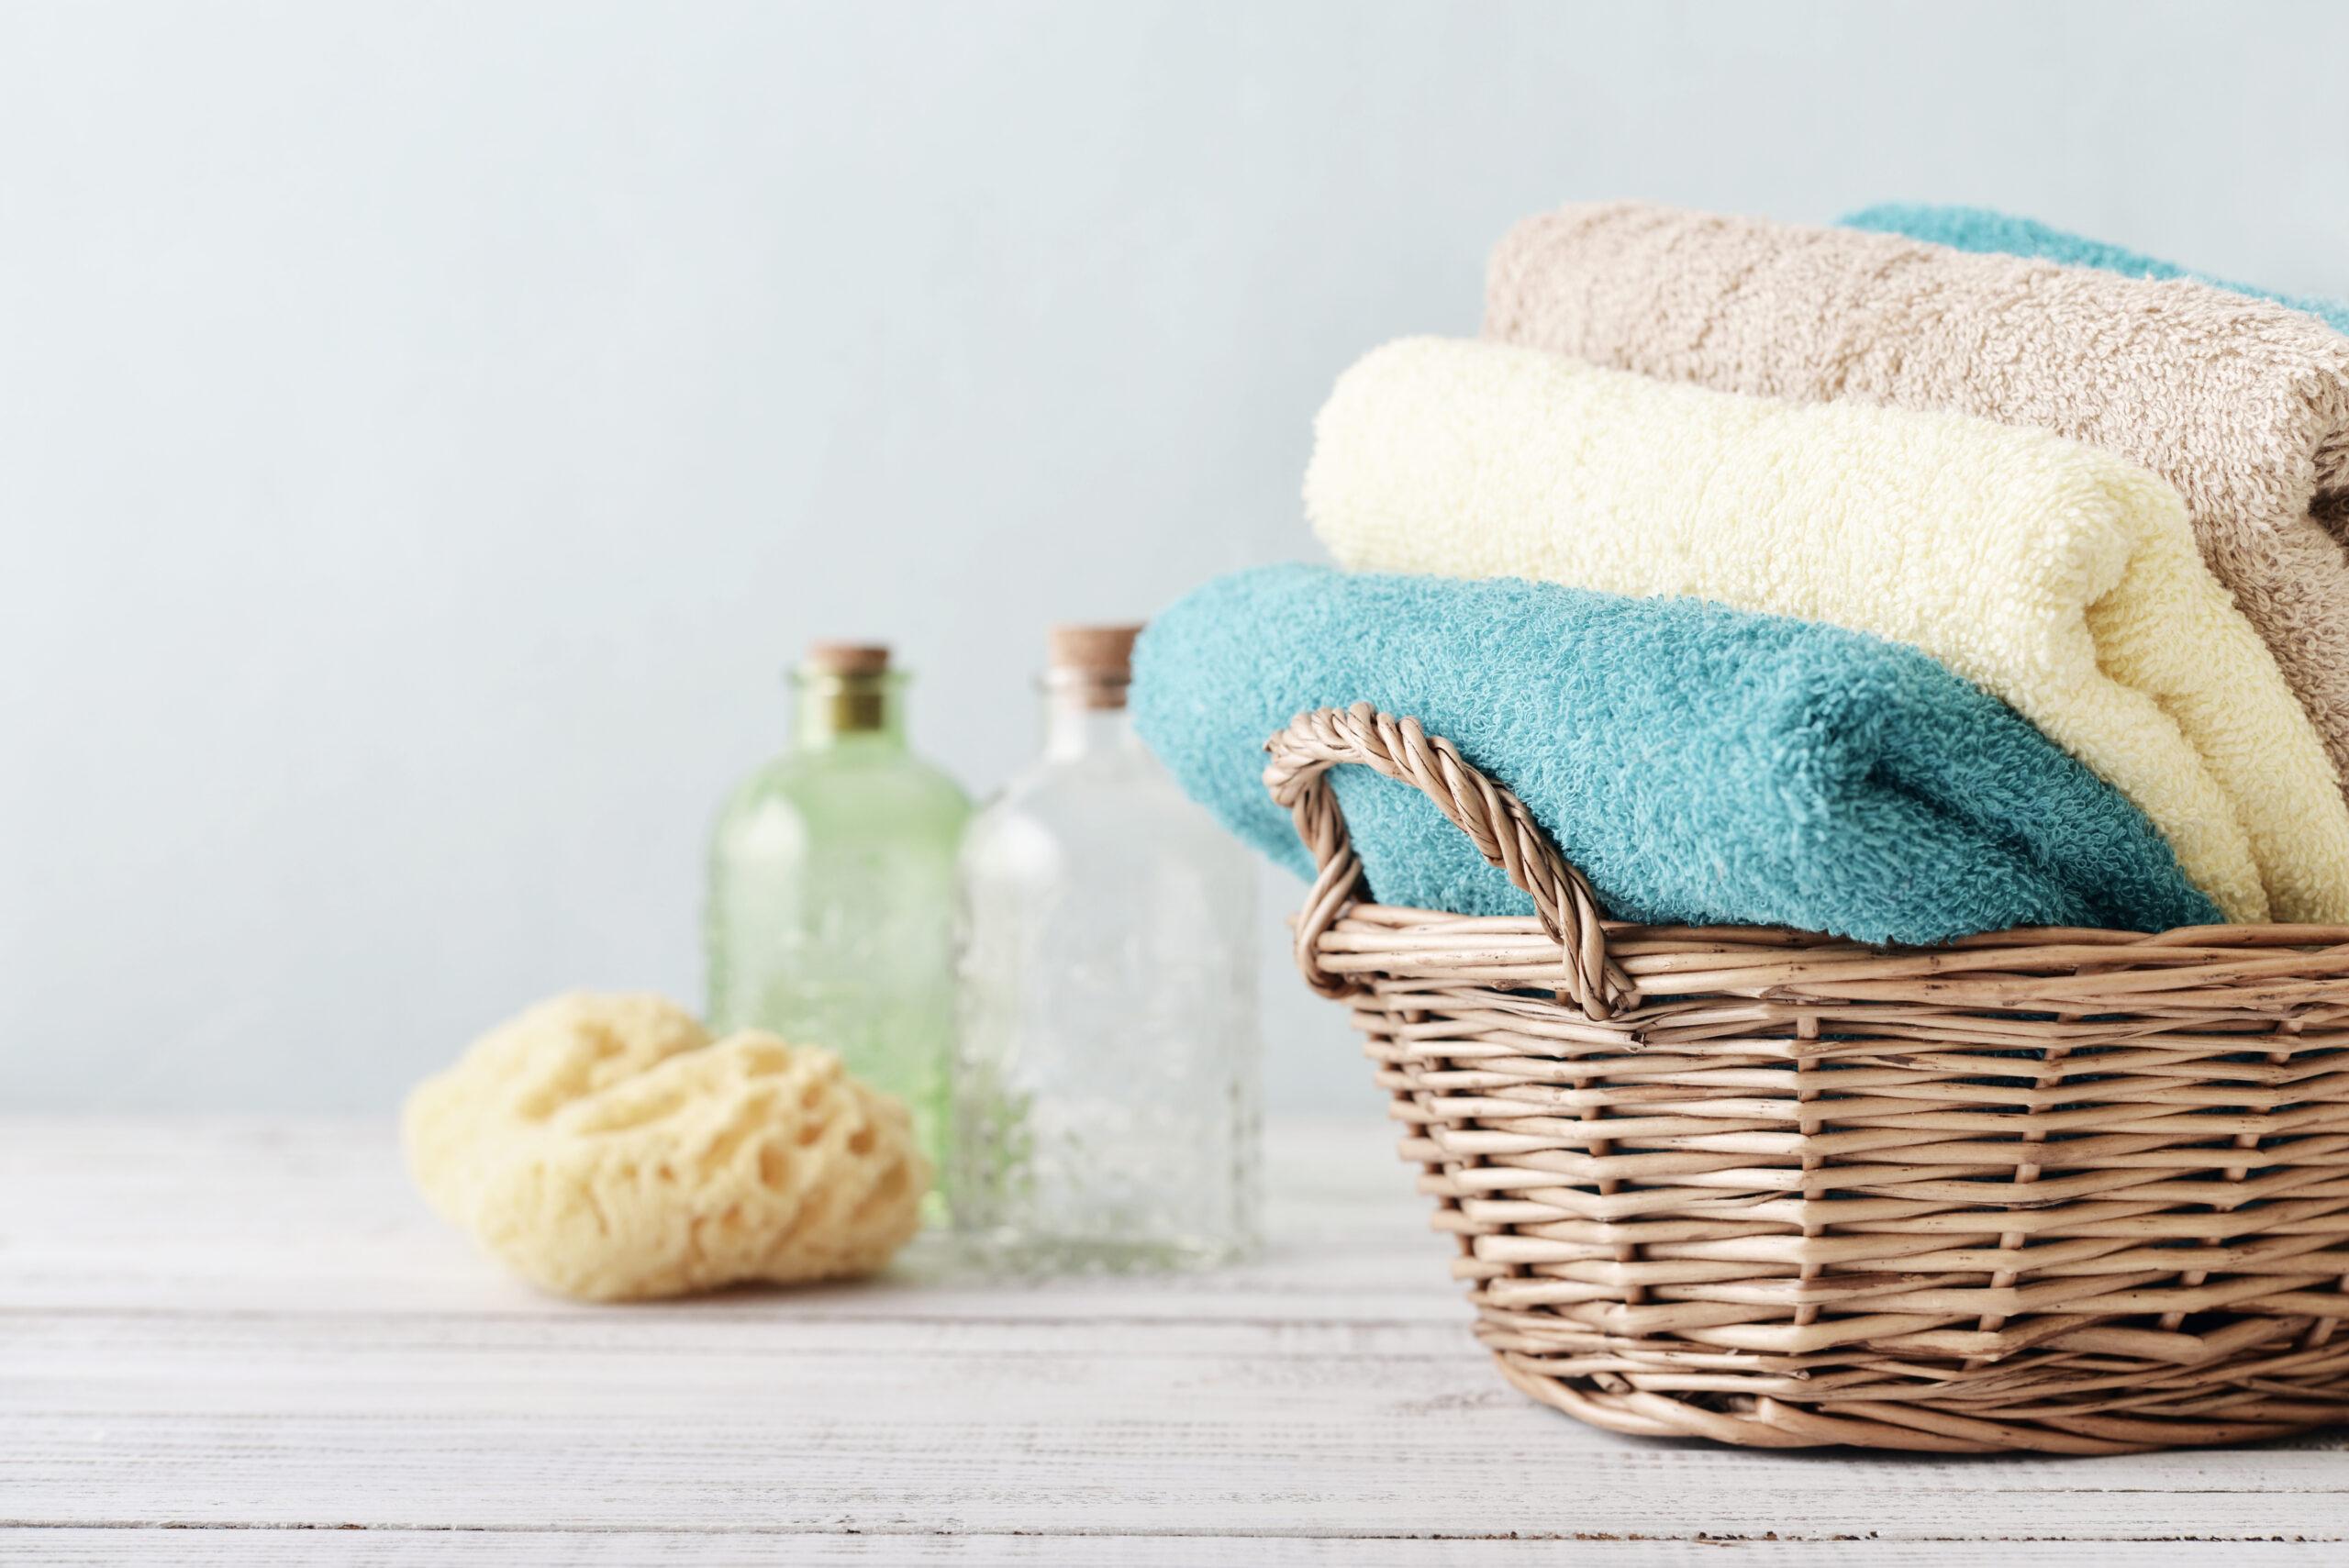 メリット2:お風呂上がりにポカポカを保てる